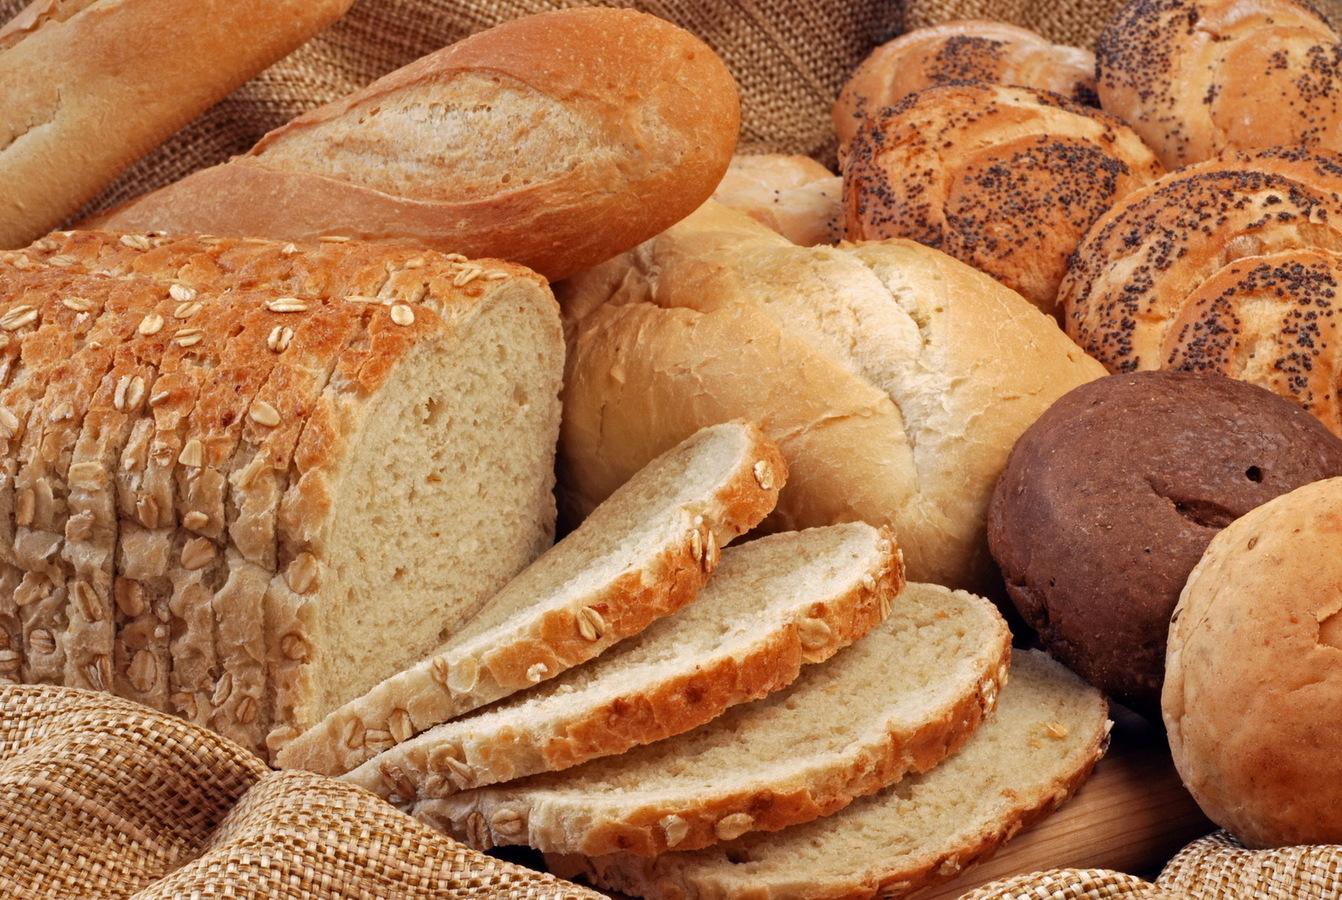 Хлеб и молоко в Усть-Каменогорске начнут продавать по социальной цене